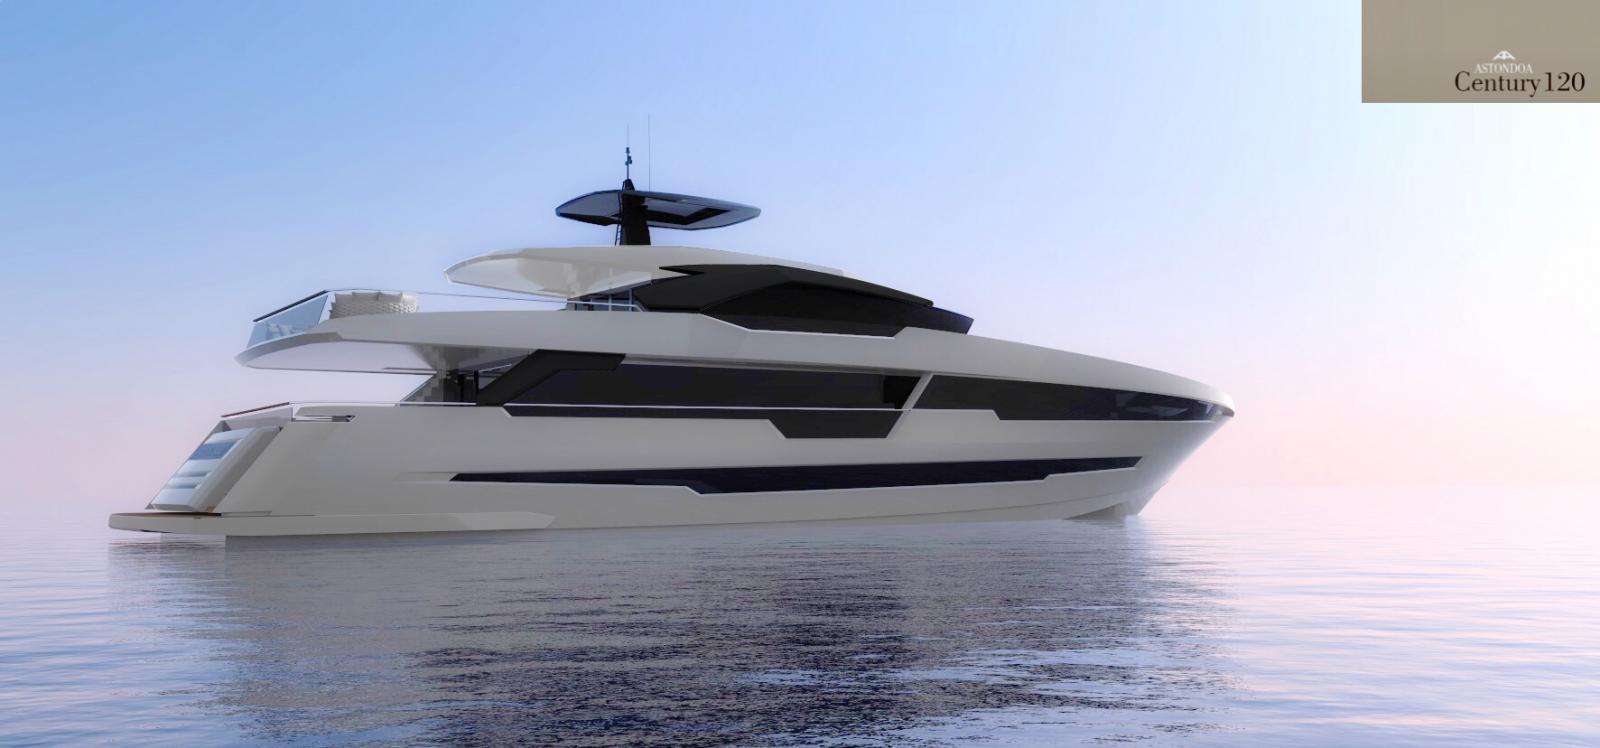 Astondoa Yacht 120